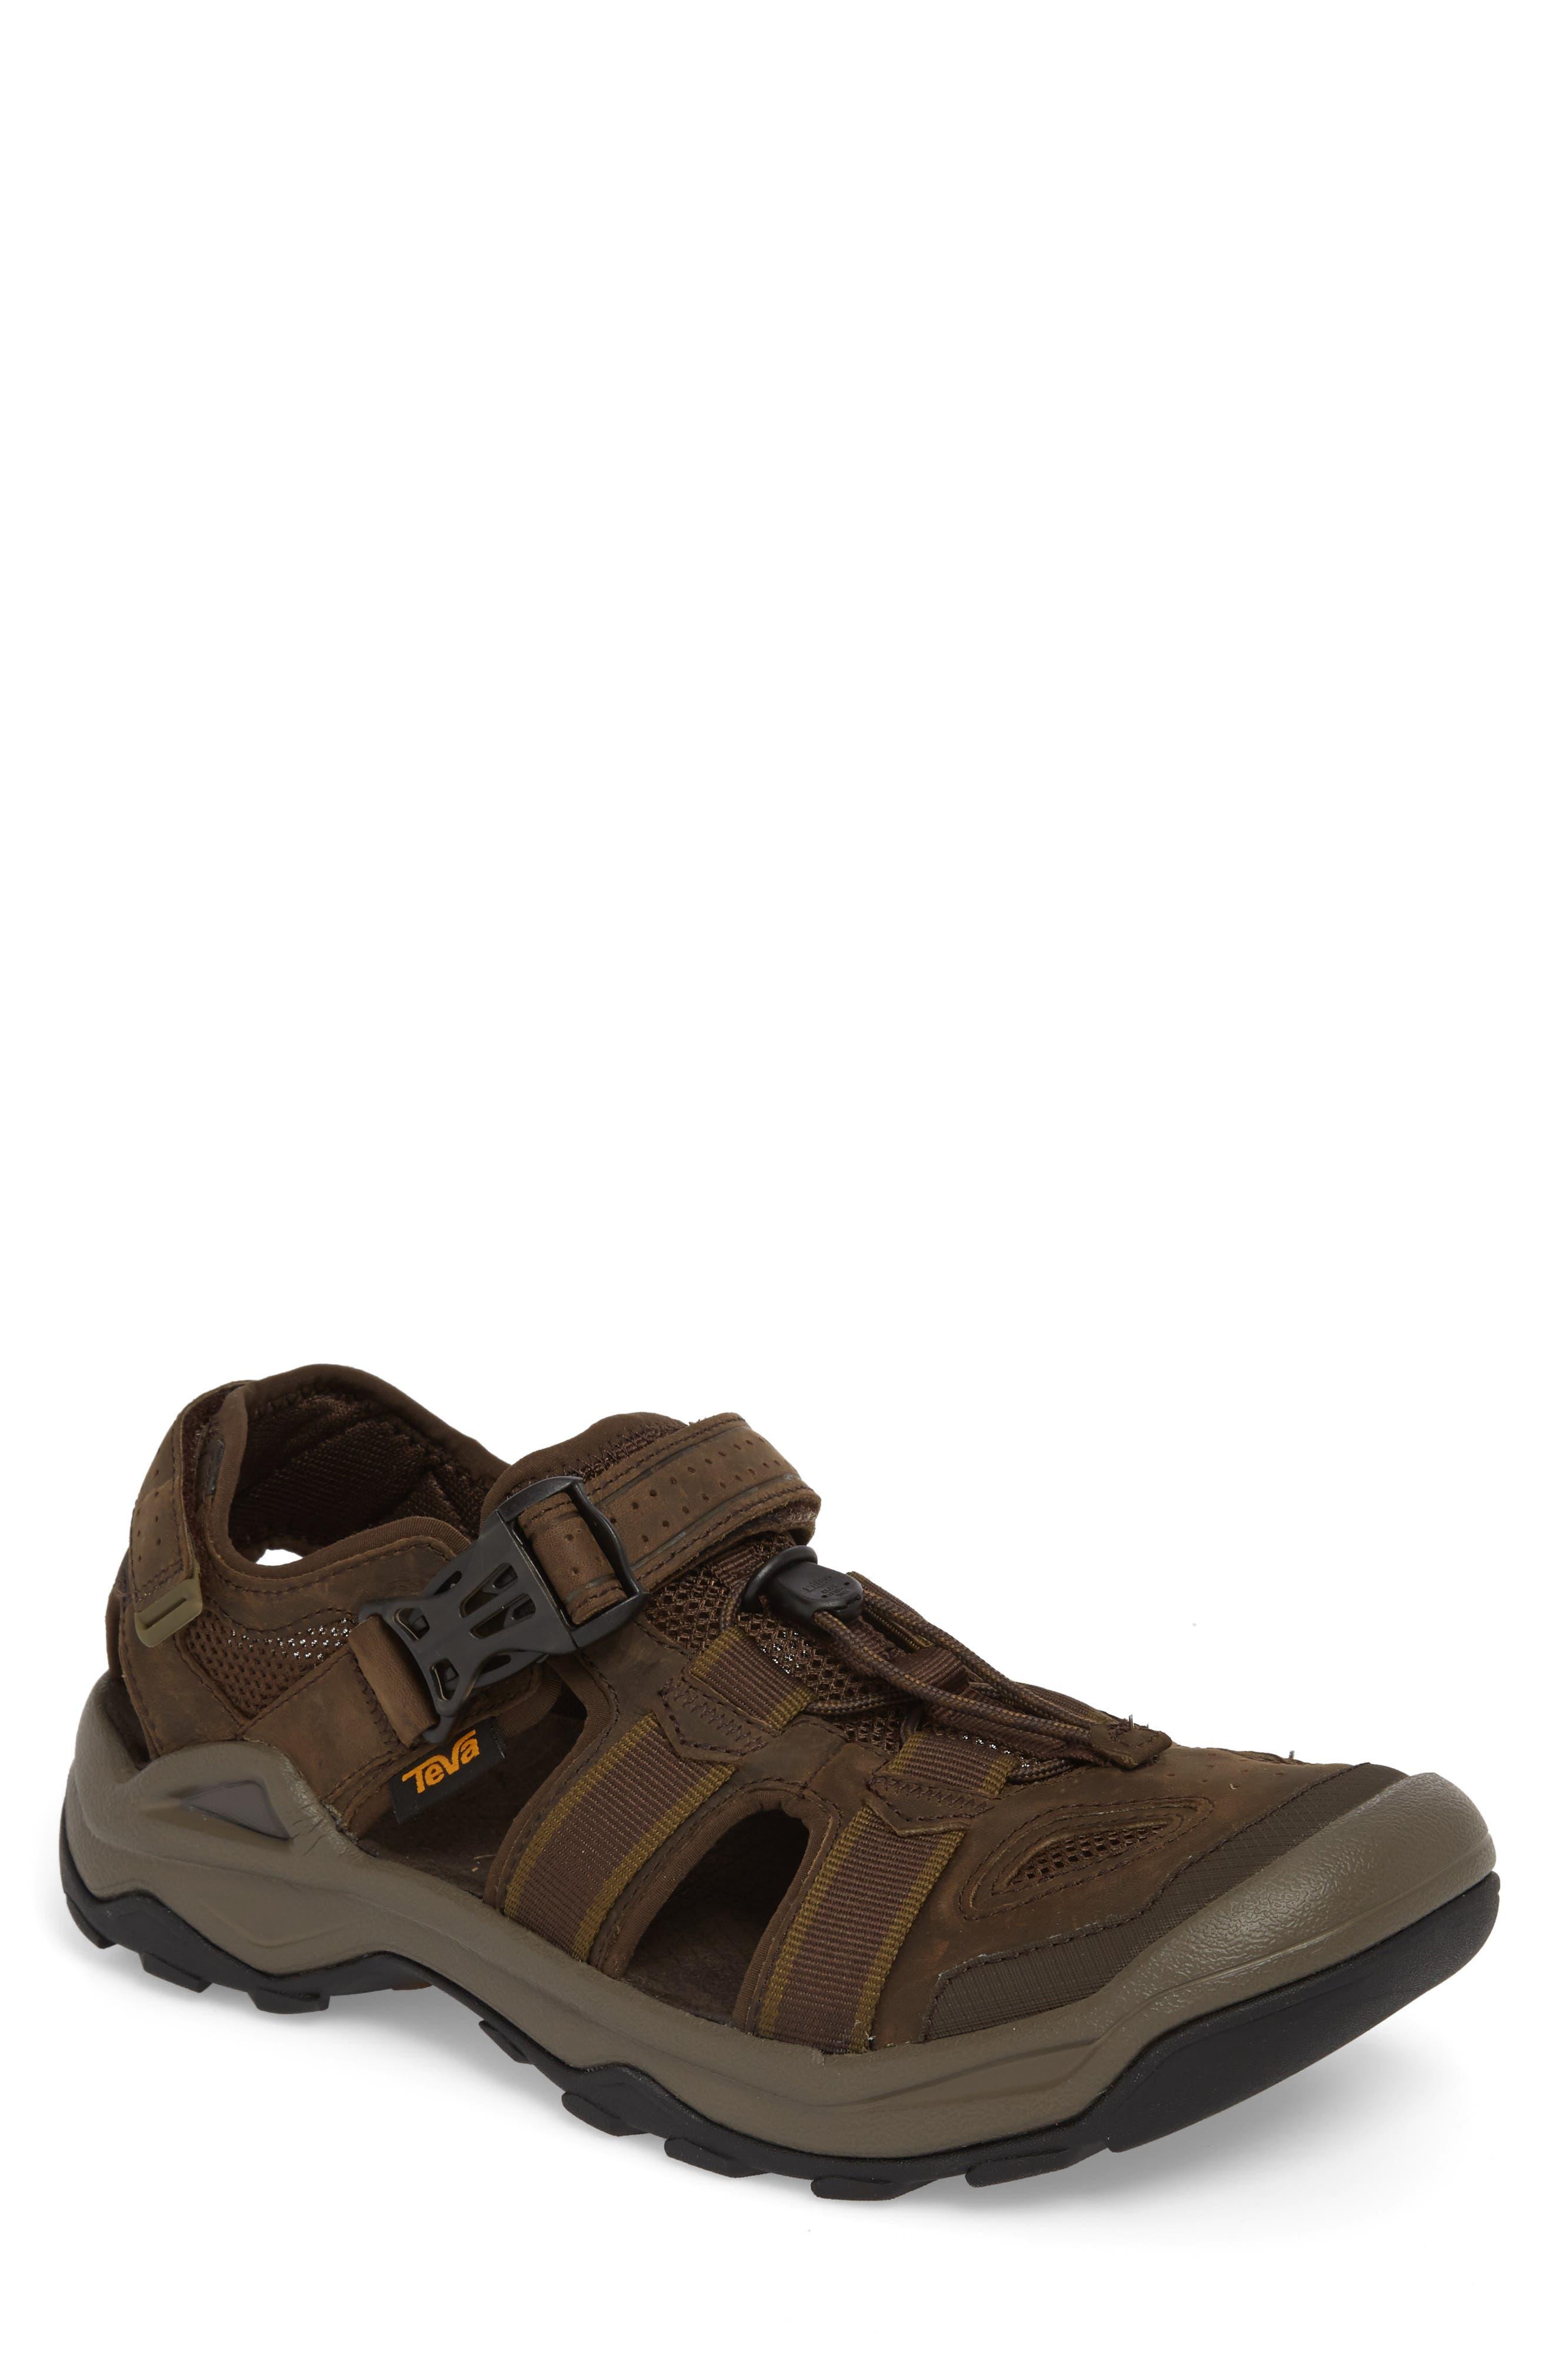 8f3c9da22a9 Teva Sandals